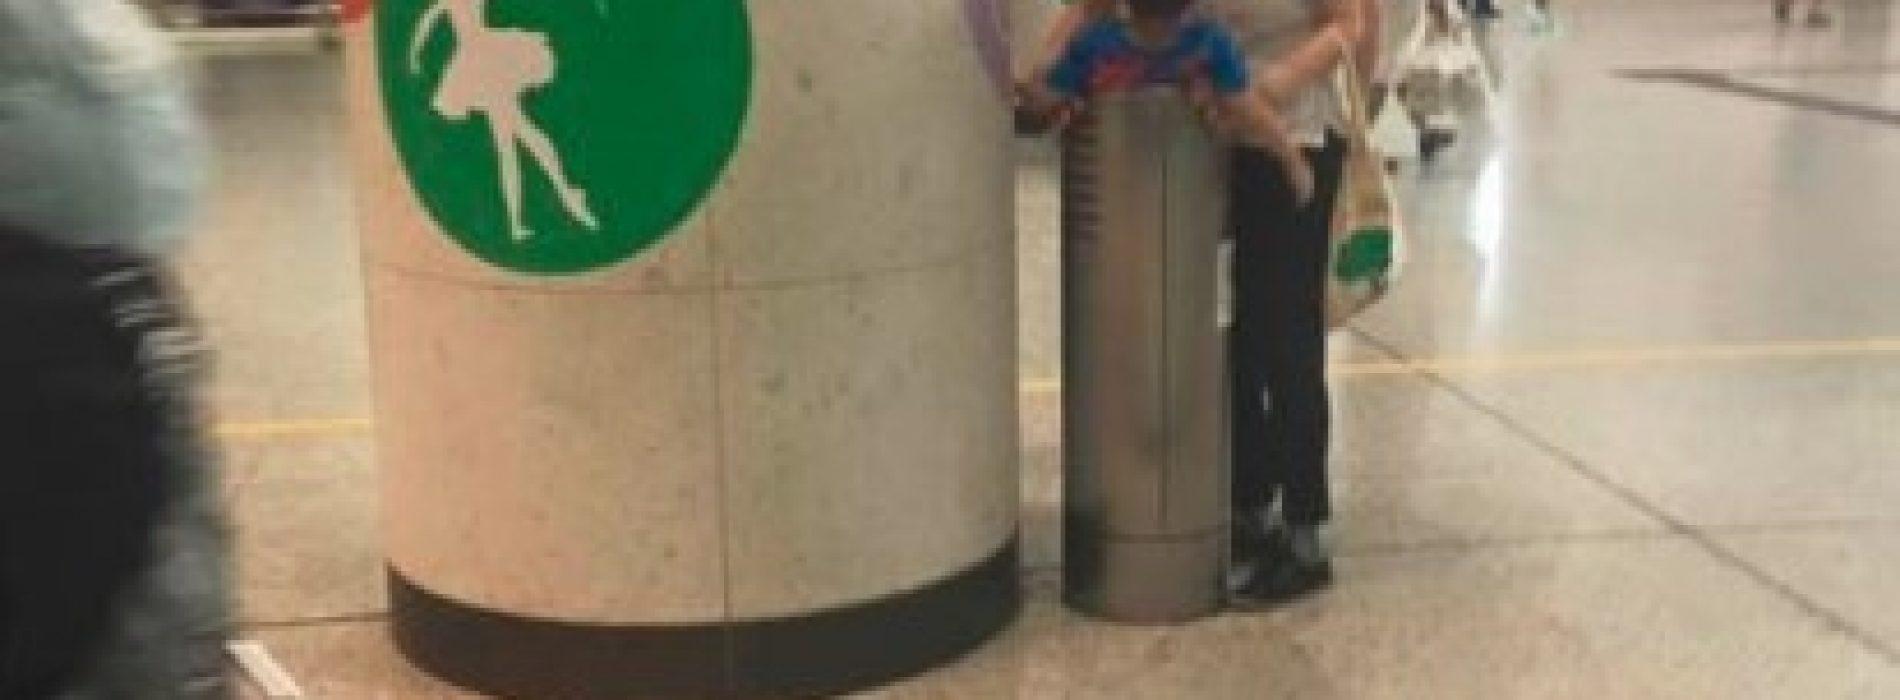 家長塞小孩落垃圾桶懲罰 網民:細路都有自尊